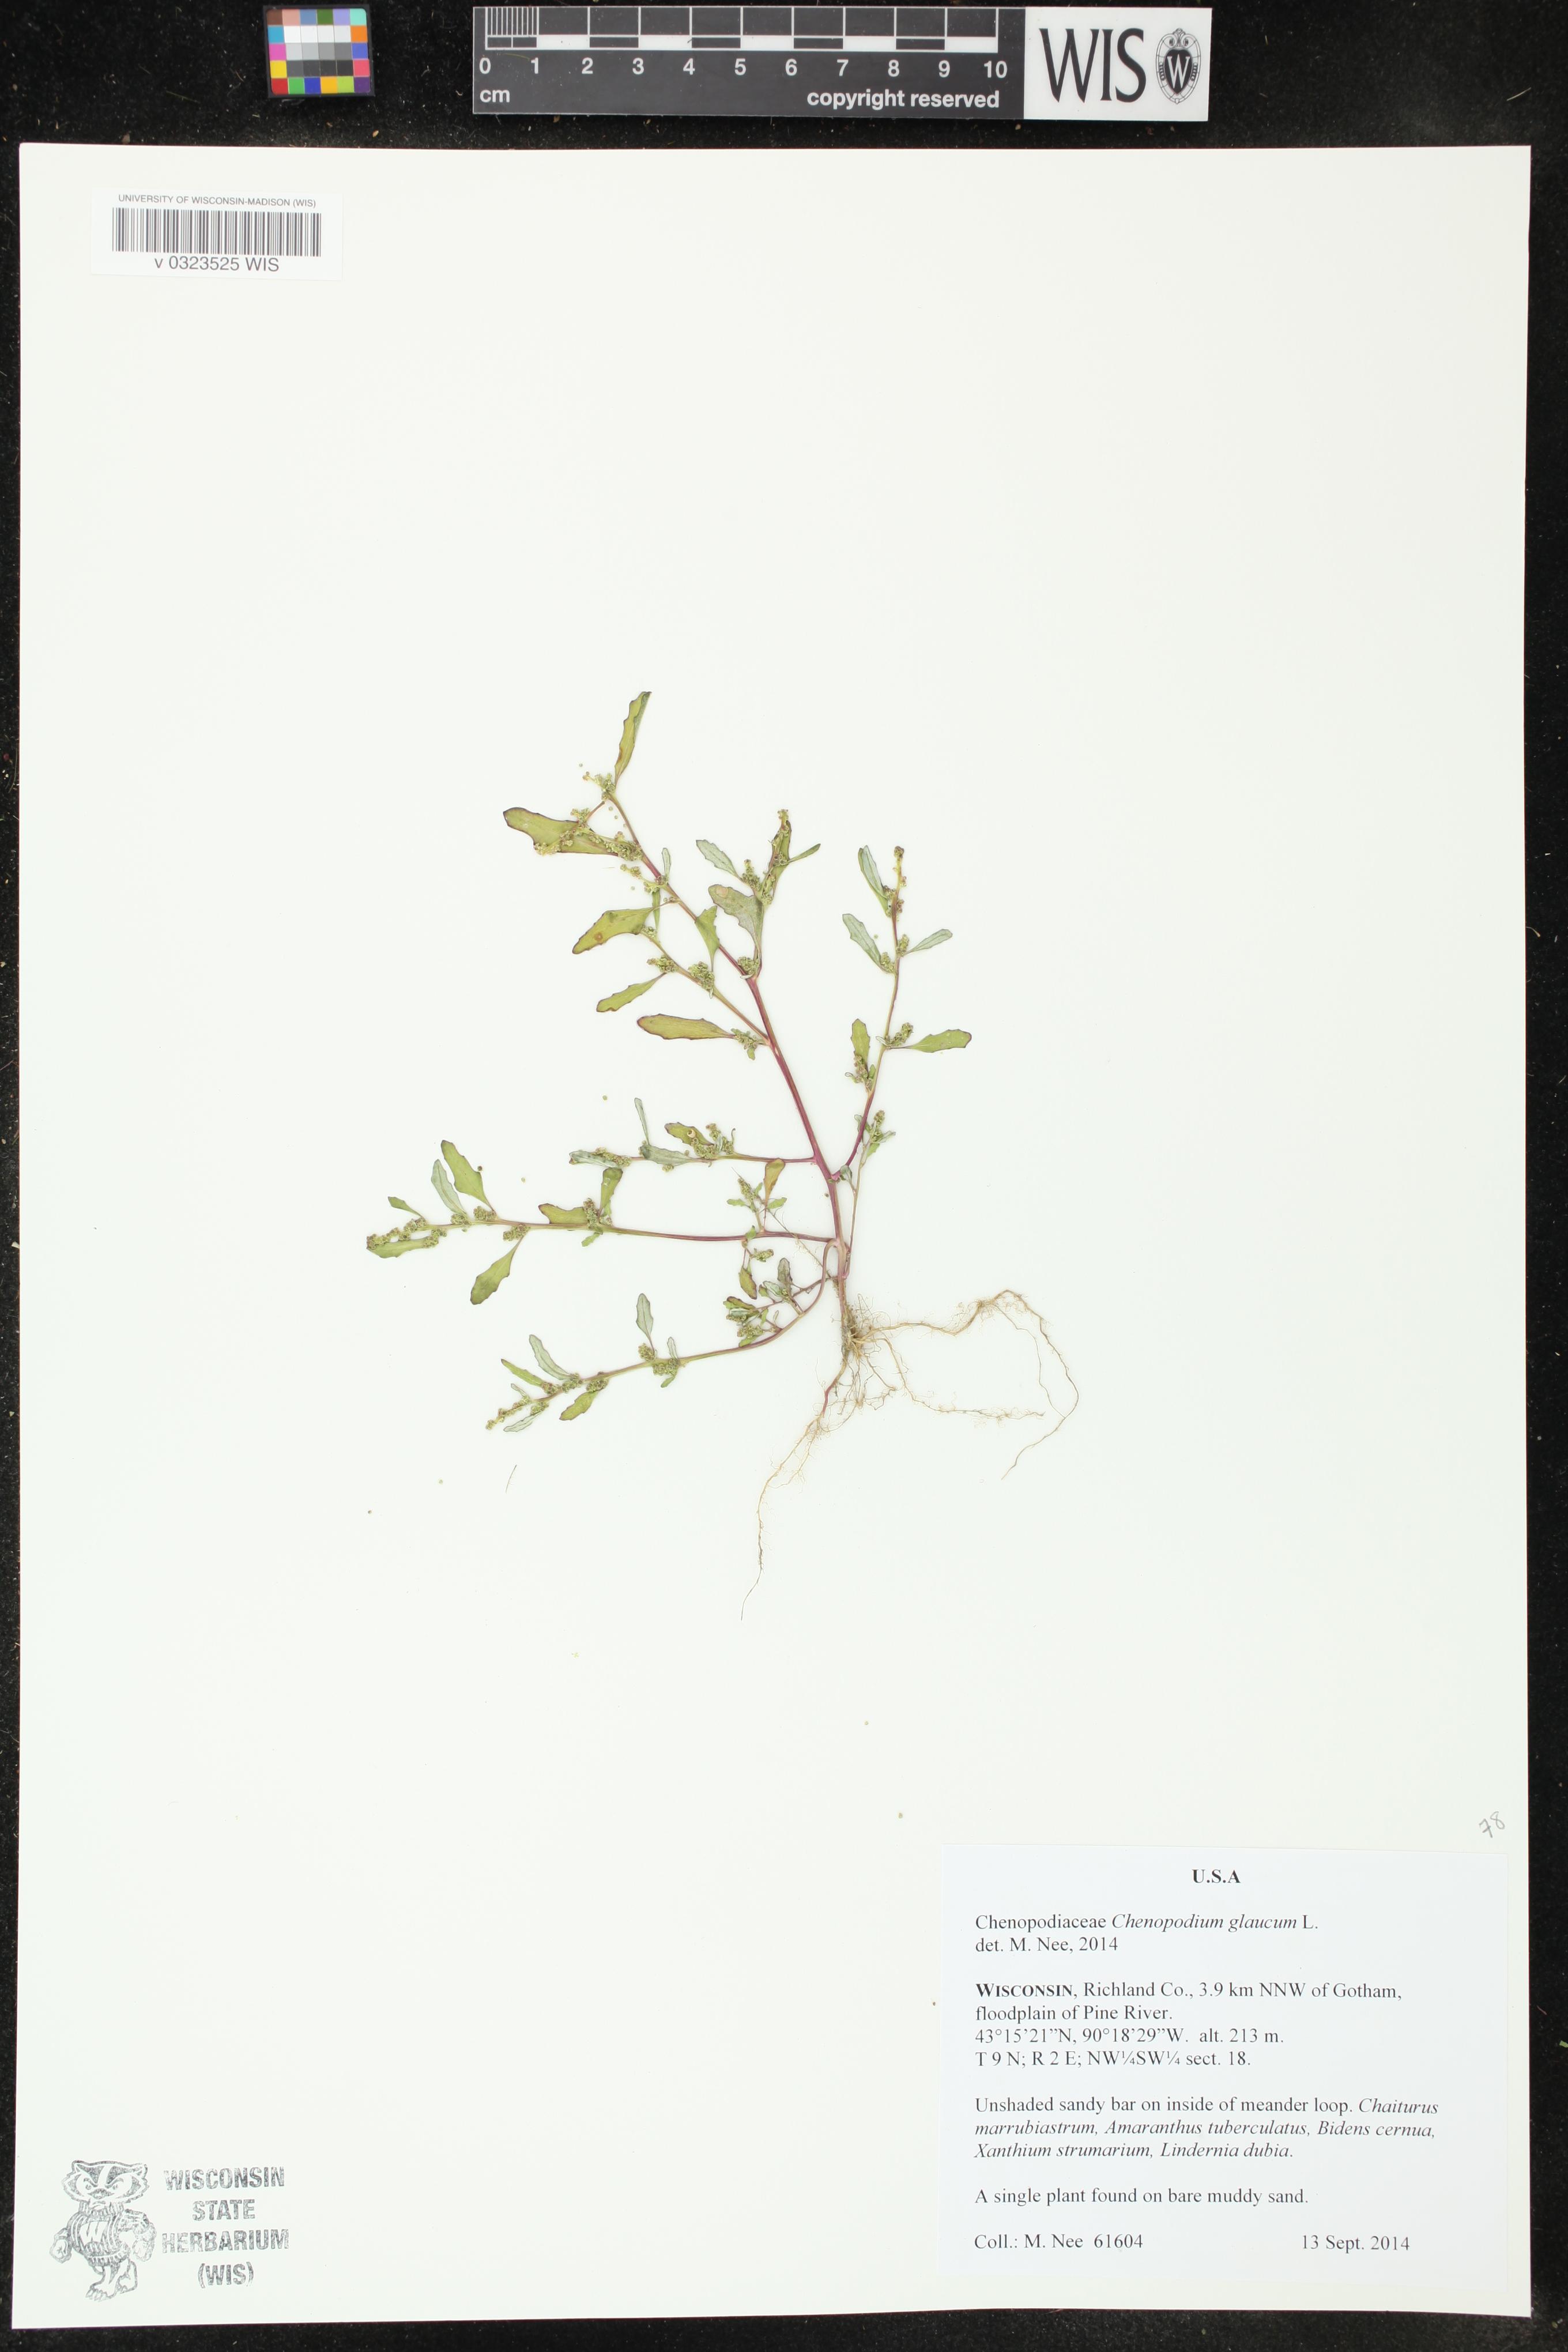 Image of Chenopodium glaucum